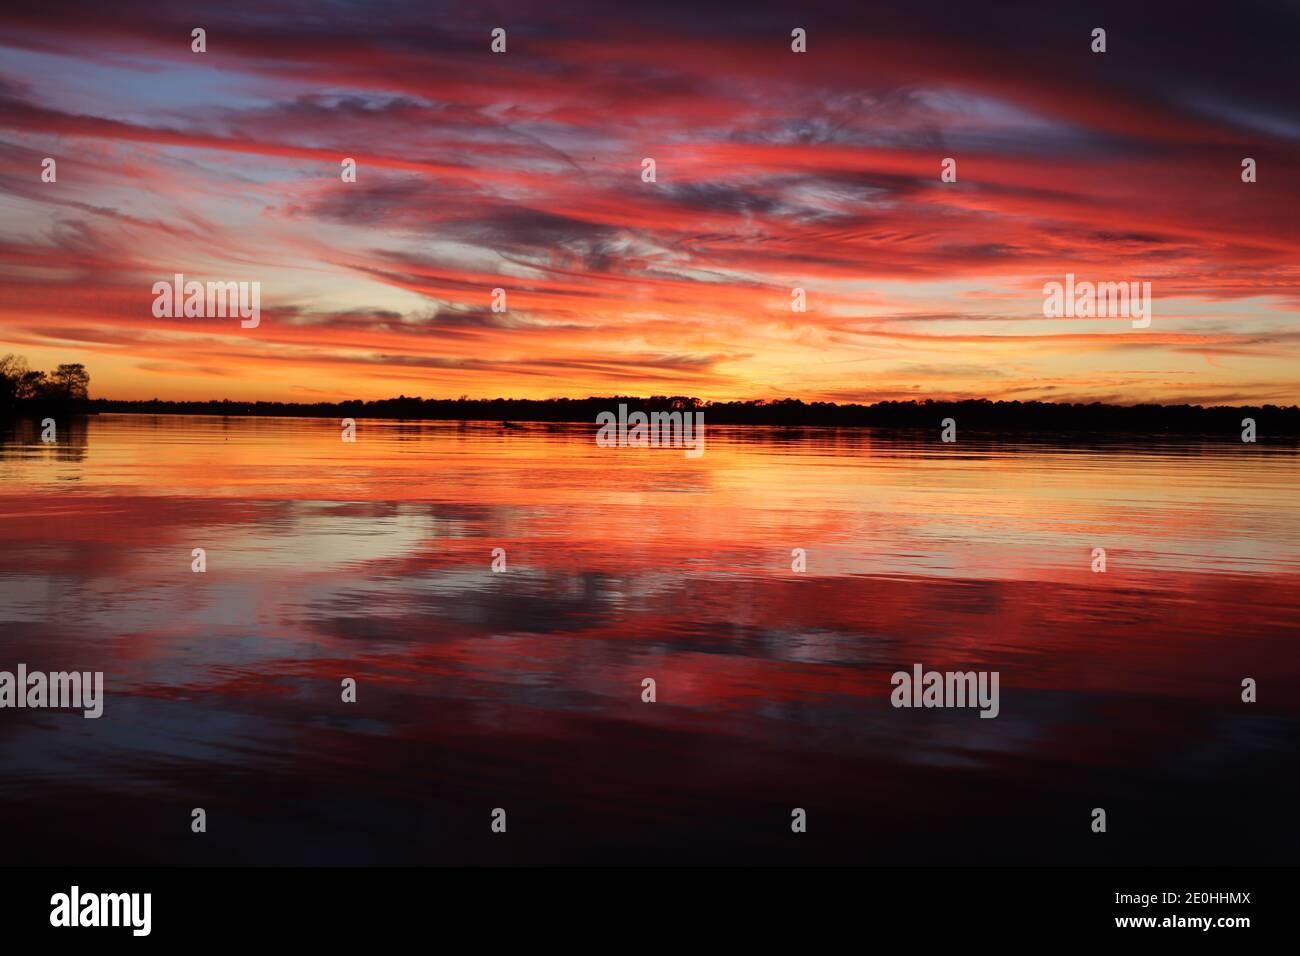 Coucher de soleil avec reflets miroir sur la surface de l'eau. Des couleurs vives de tourbillons rouges et dorés, du ciel bleu à l'horizon tranquille bordé d'arbres. Banque D'Images